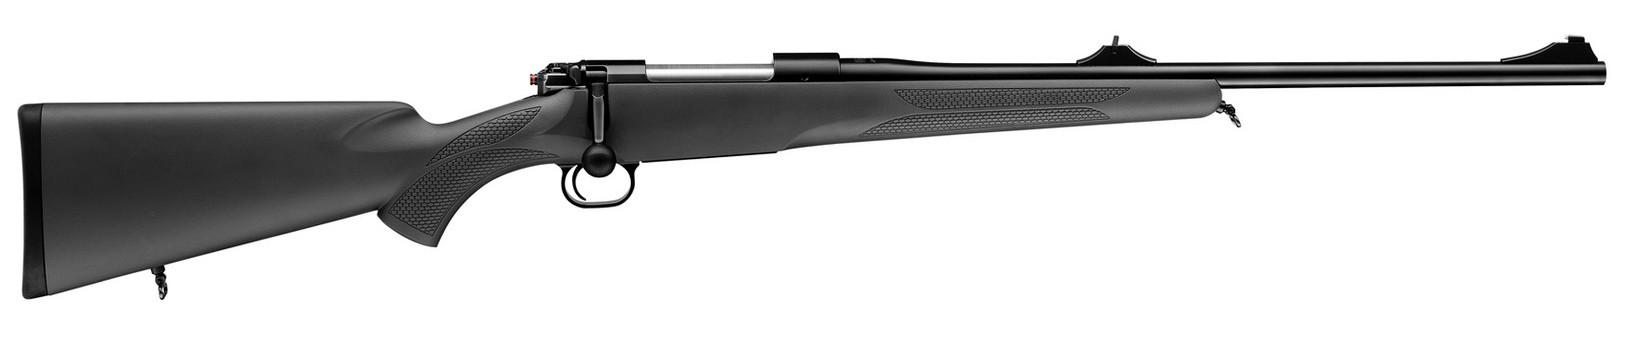 Mauser M 12 Extreme Waffenstube Thalkirchen München Bayern Deutschland